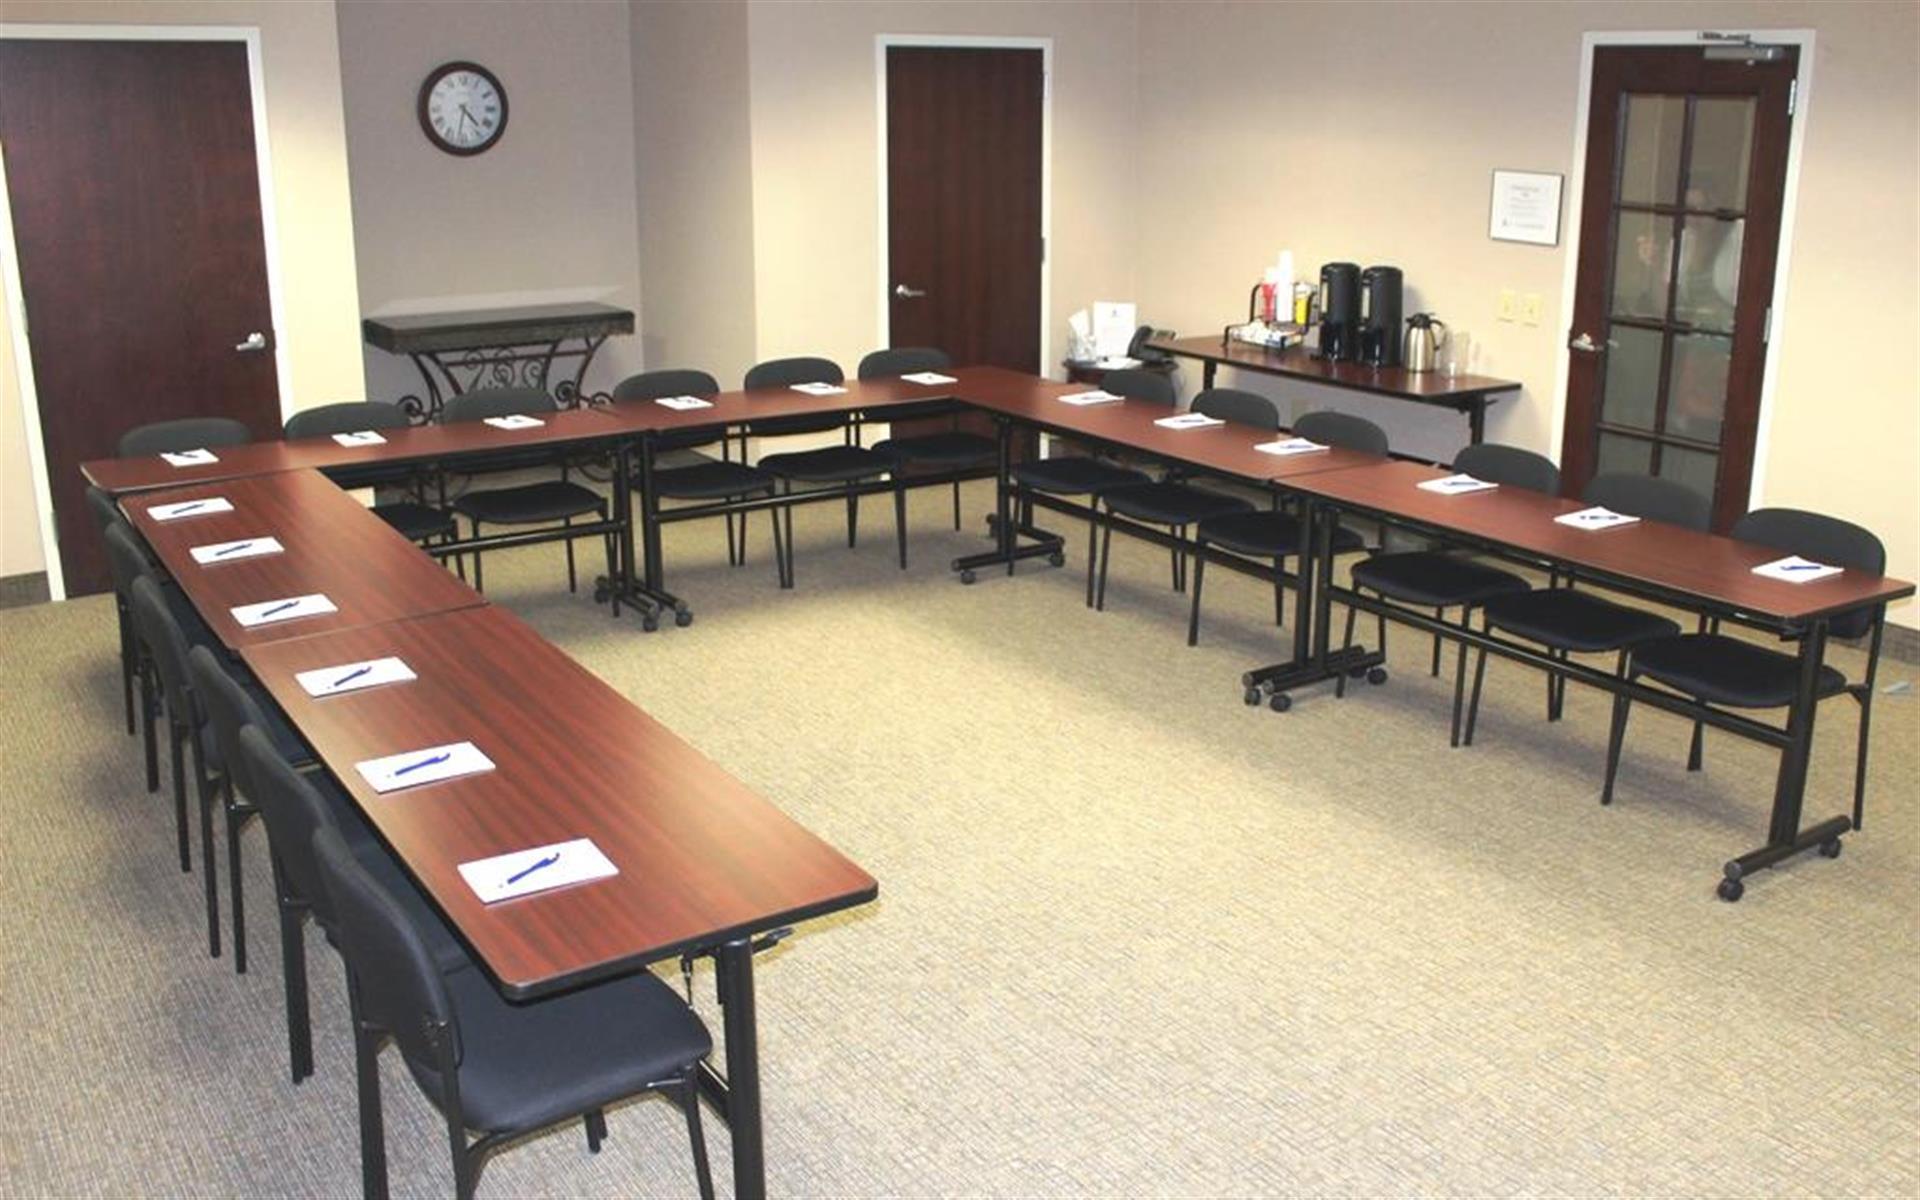 Atrium Executive Center, Mt. Laurel, NJ - Training Room 121